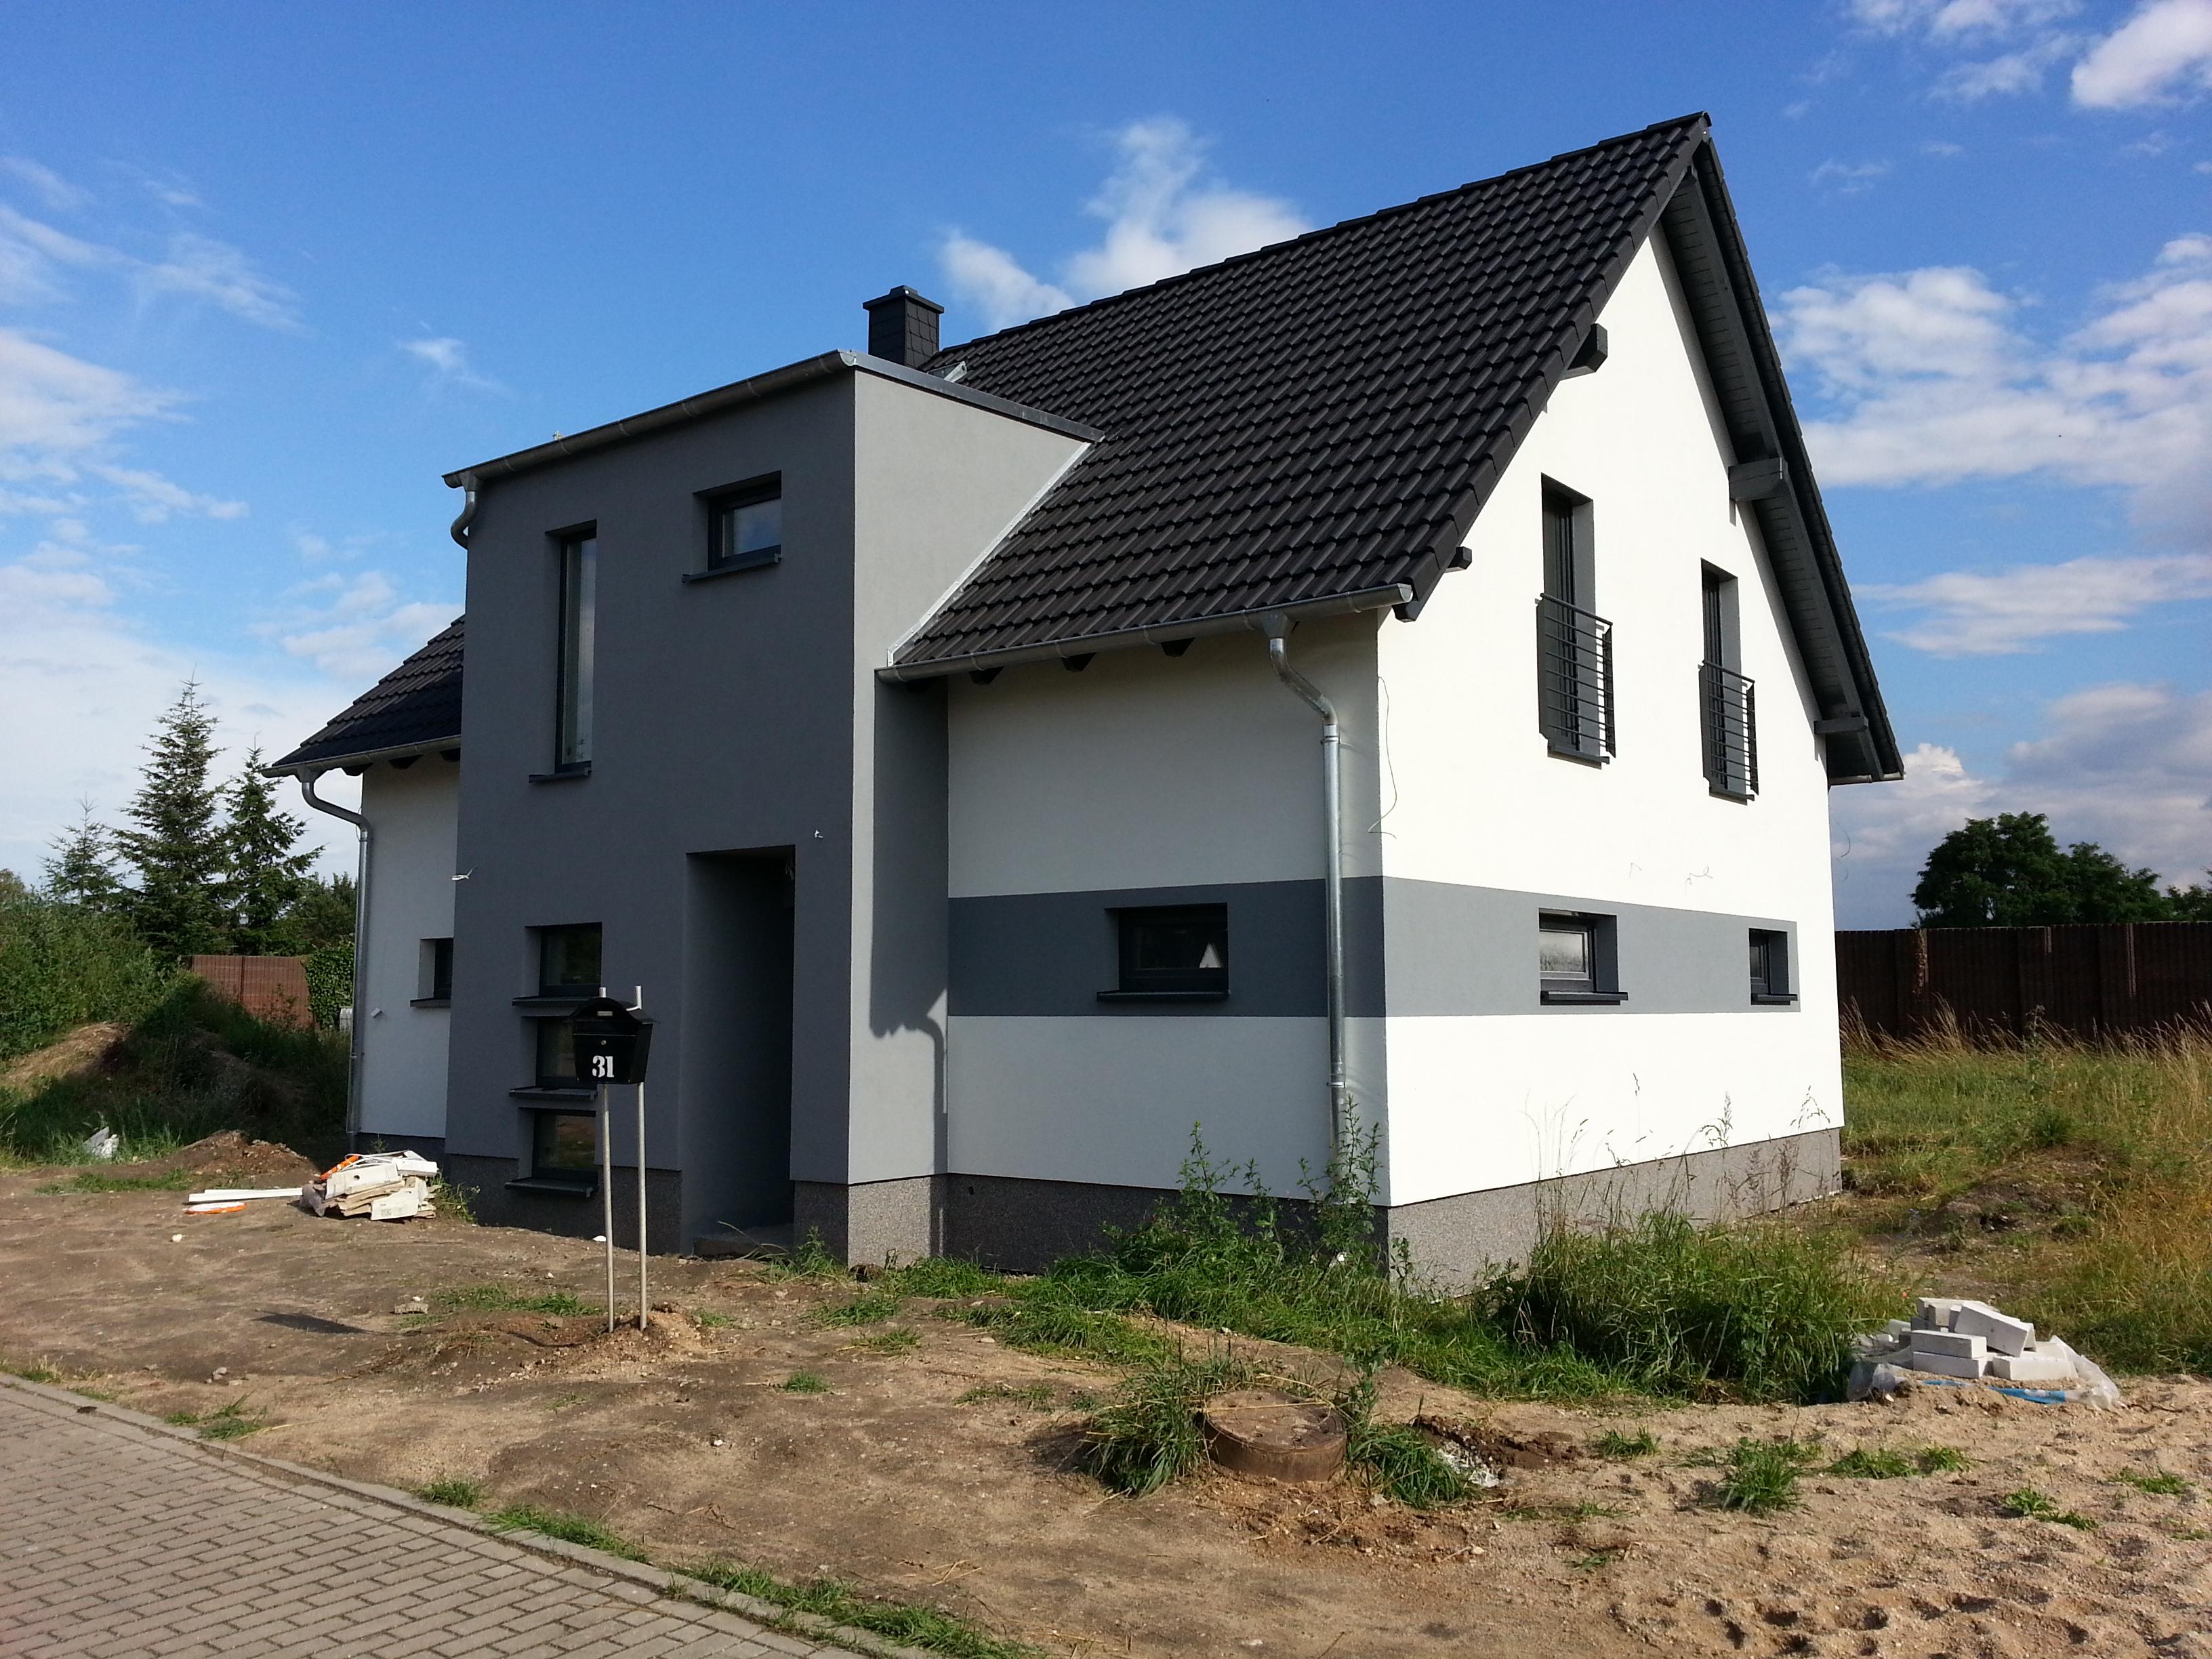 Hausfassade Neu | Hausfassade Gestalten Ideen Cool With Hausfassade